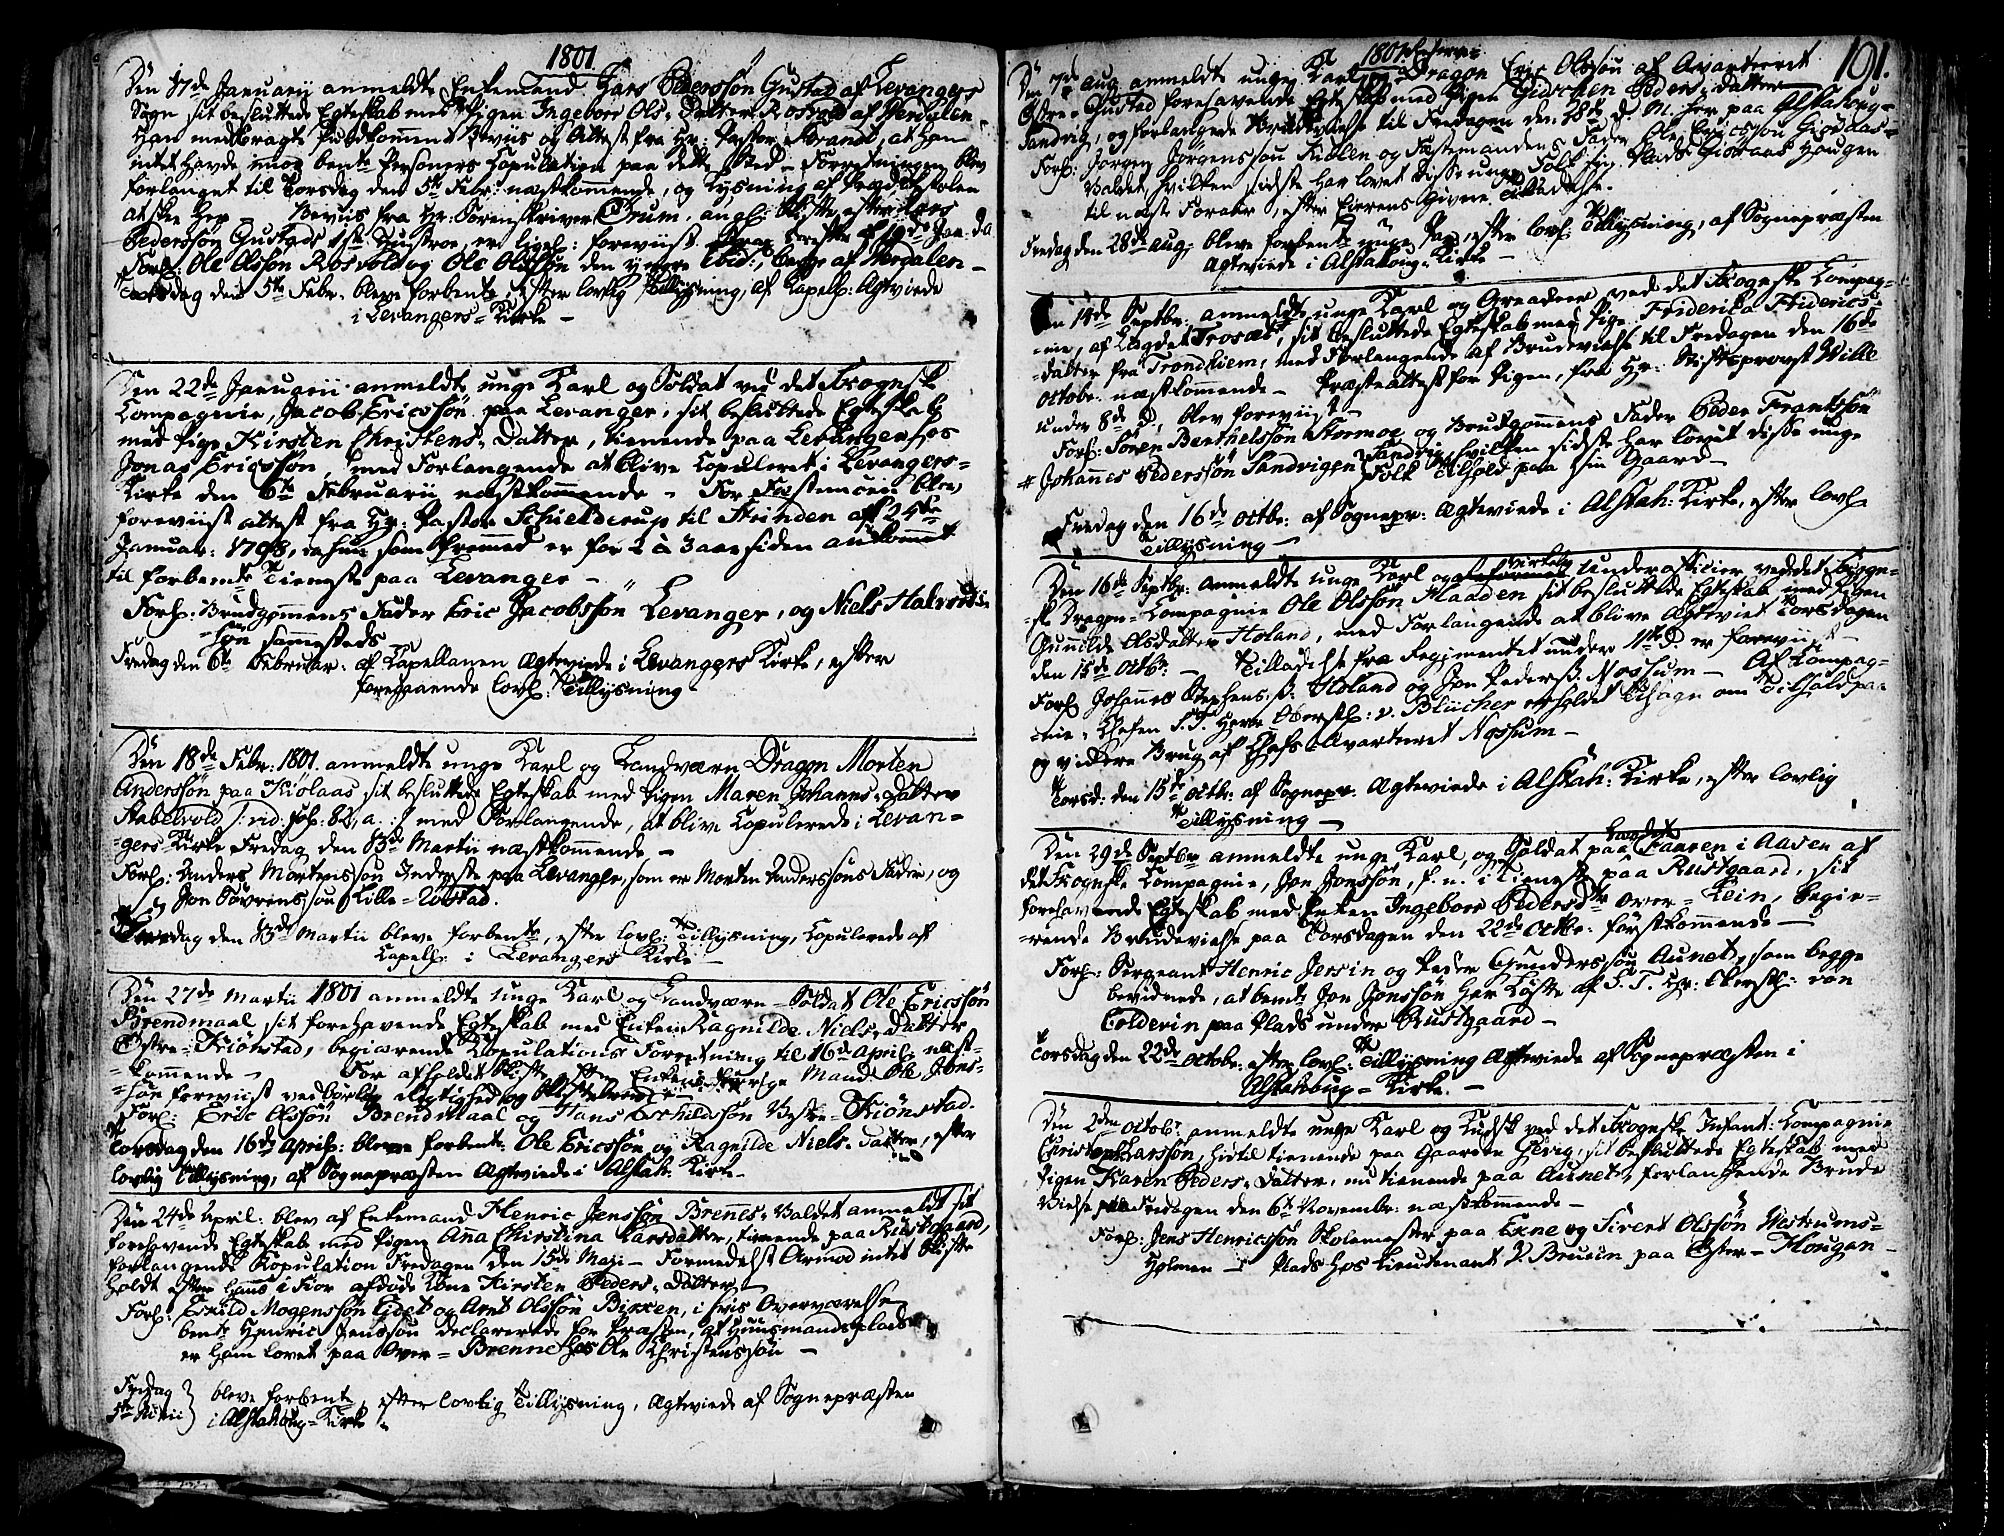 SAT, Ministerialprotokoller, klokkerbøker og fødselsregistre - Nord-Trøndelag, 717/L0142: Ministerialbok nr. 717A02 /1, 1783-1809, s. 191